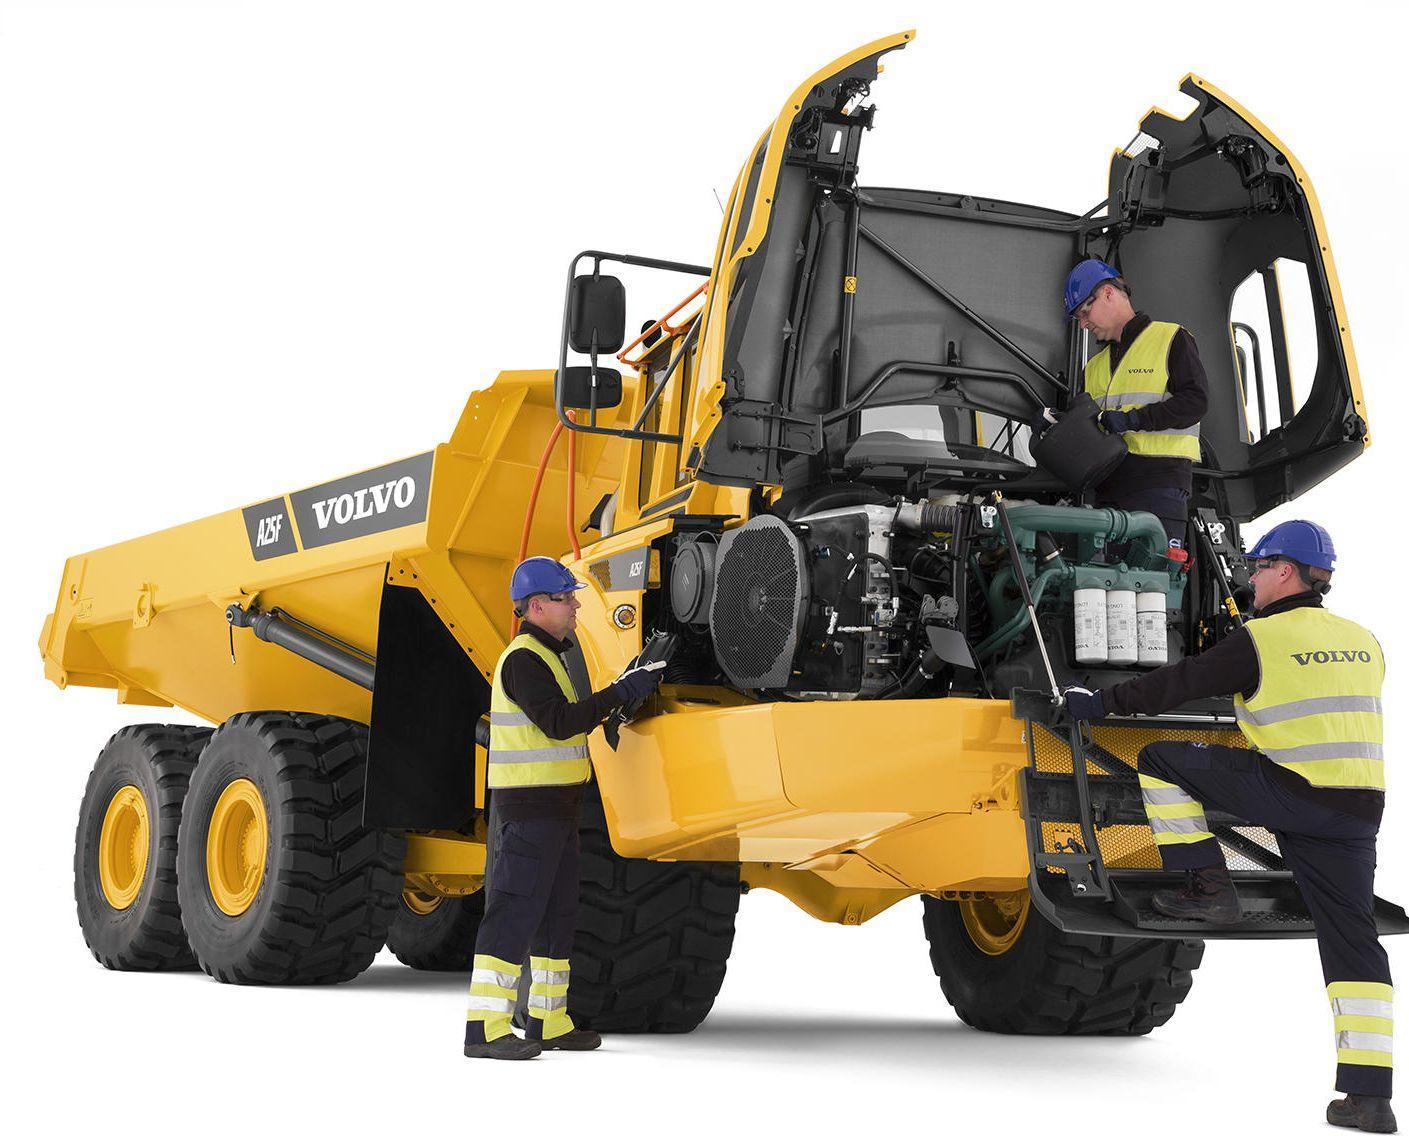 Articulated Haulers A25f Volvo Service Repair Manual